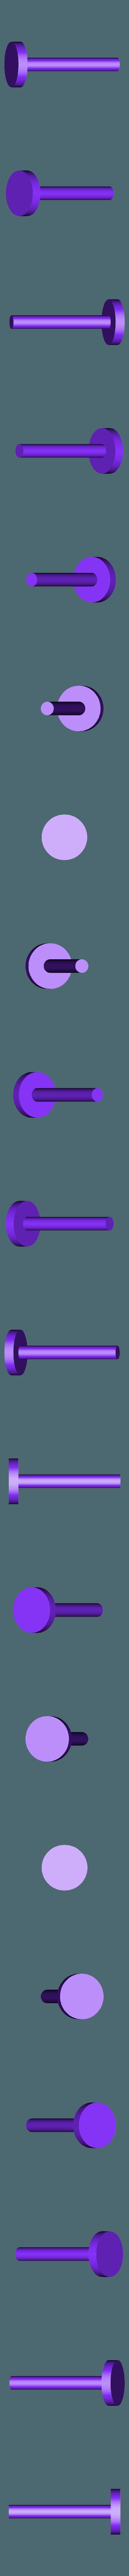 STL_S5_v20_Knob_1_.stl Télécharger fichier STL gratuit Pistolet Star Wars Naboo S5 Heavy Blaster • Objet pour impression 3D, Dsk